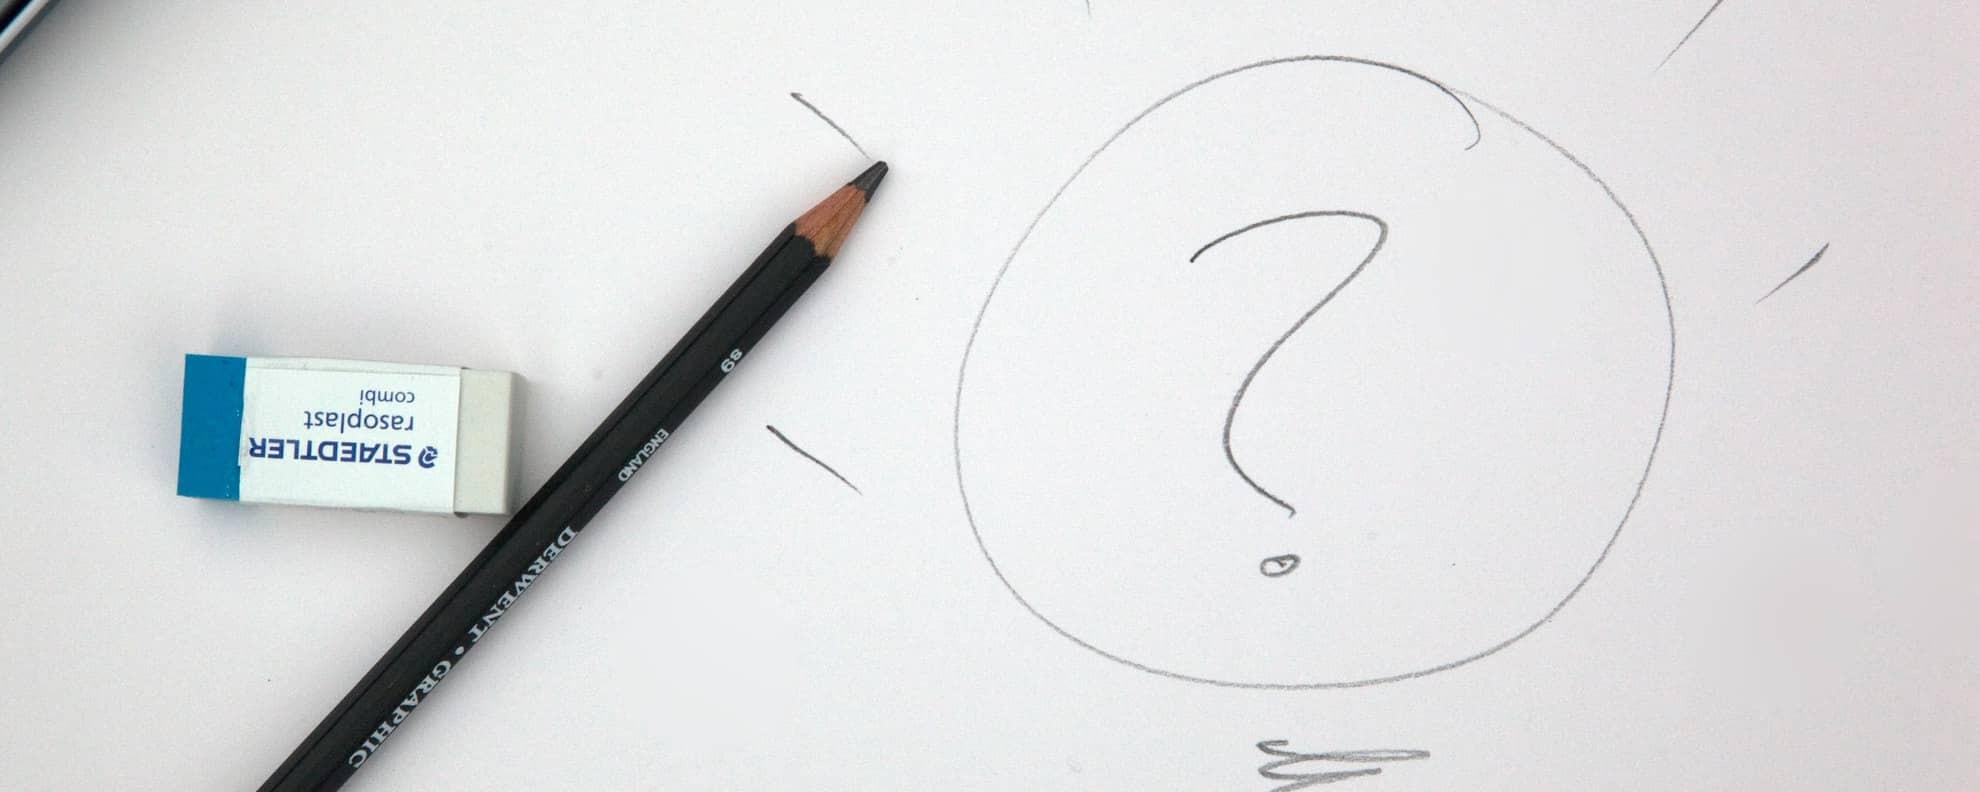 8 einfache Kreativitätstechniken für neue Ideen